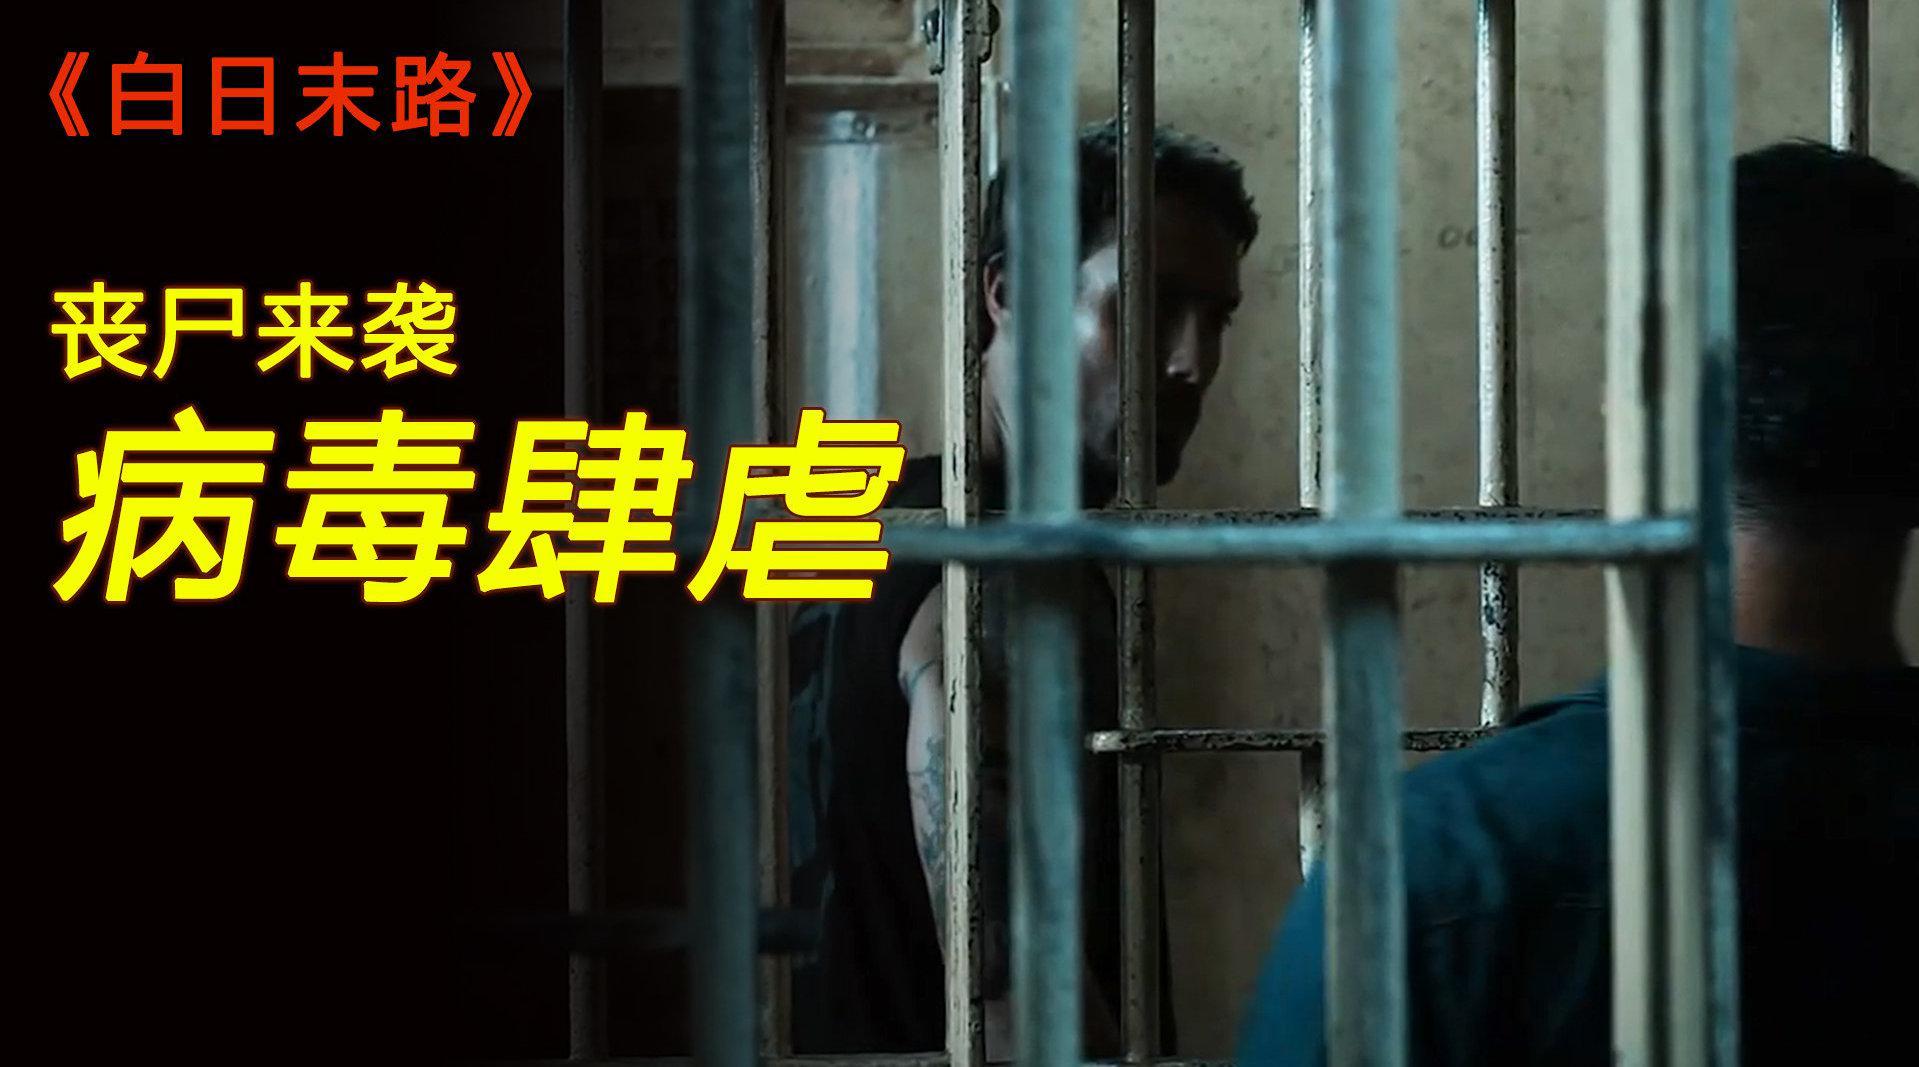 未来瘟疫爆发,人类为躲避丧尸袭击,竟统统躲到了监狱里!